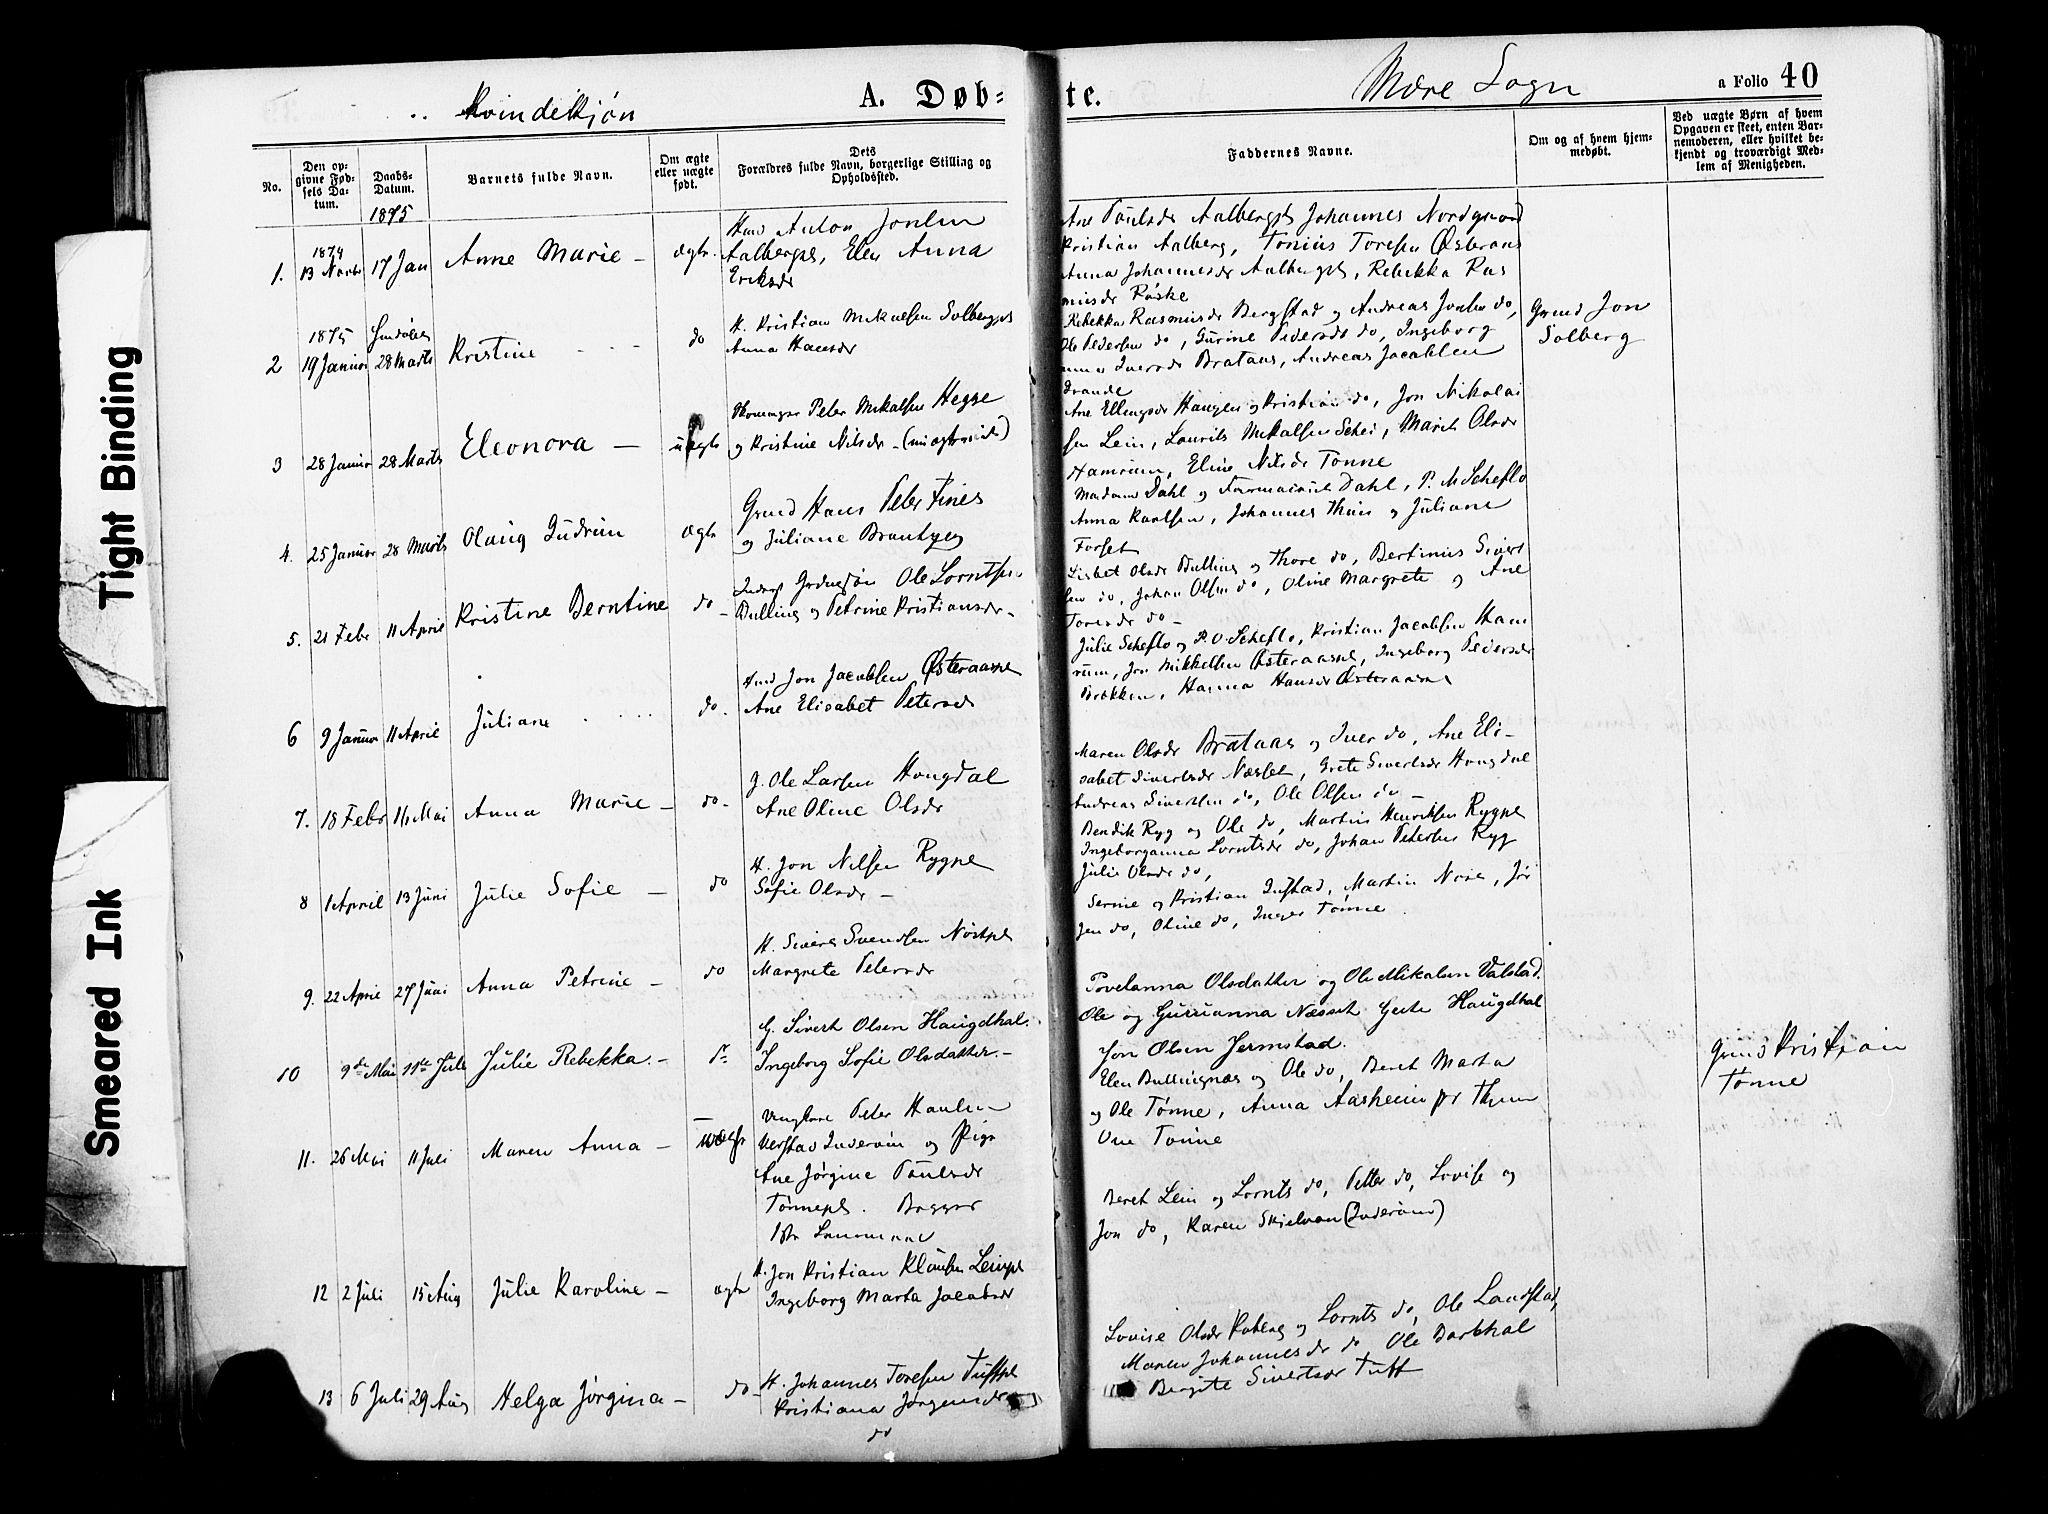 SAT, Ministerialprotokoller, klokkerbøker og fødselsregistre - Nord-Trøndelag, 735/L0348: Ministerialbok nr. 735A09 /1, 1873-1883, s. 40